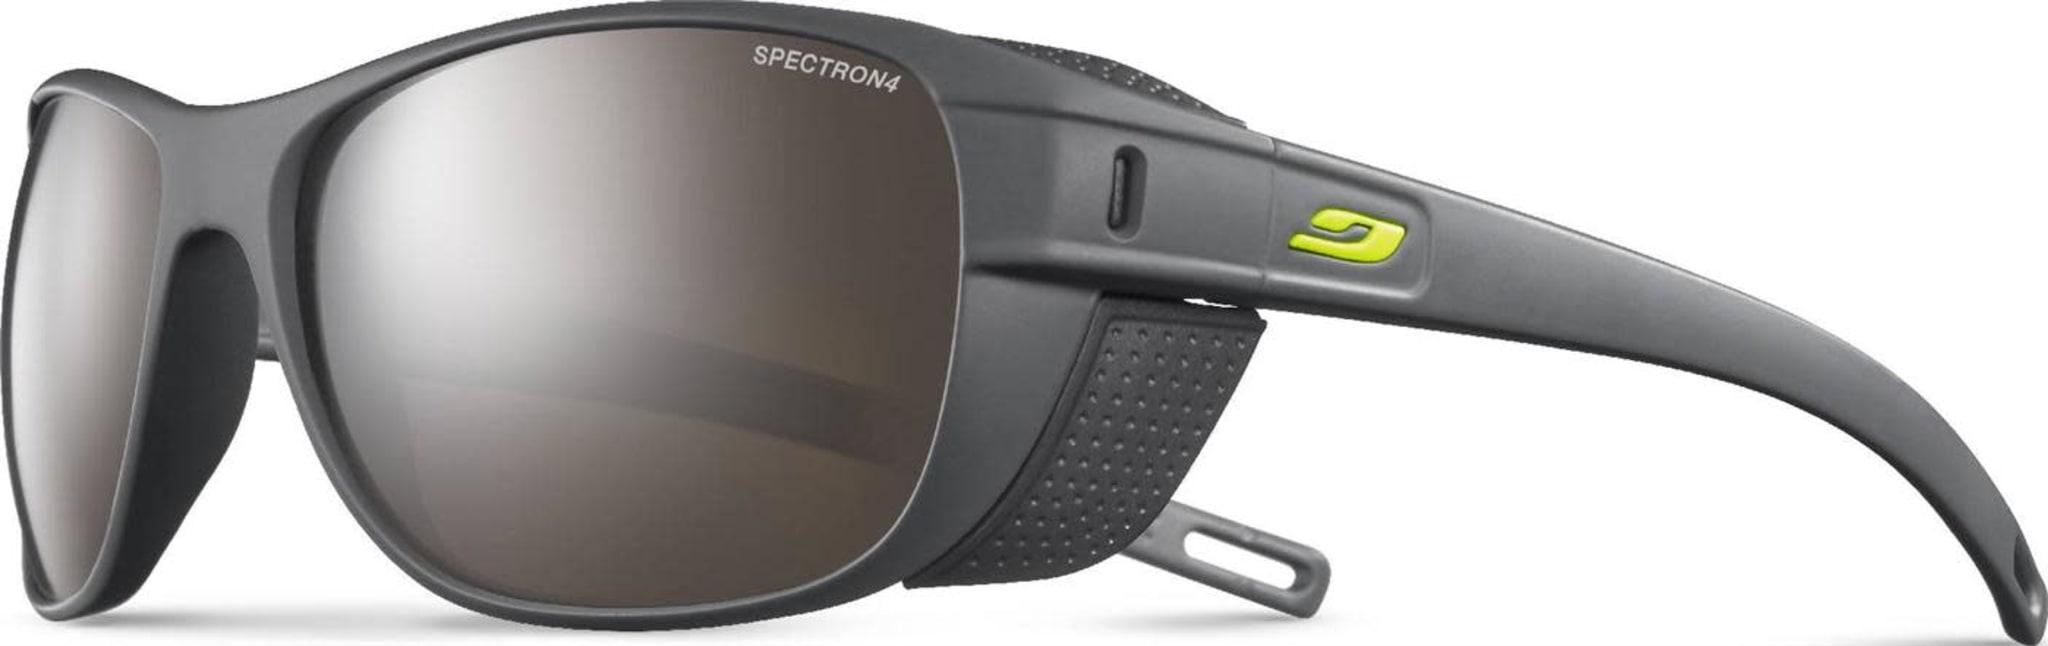 Lette briller perfekt for raske gåturer og løping